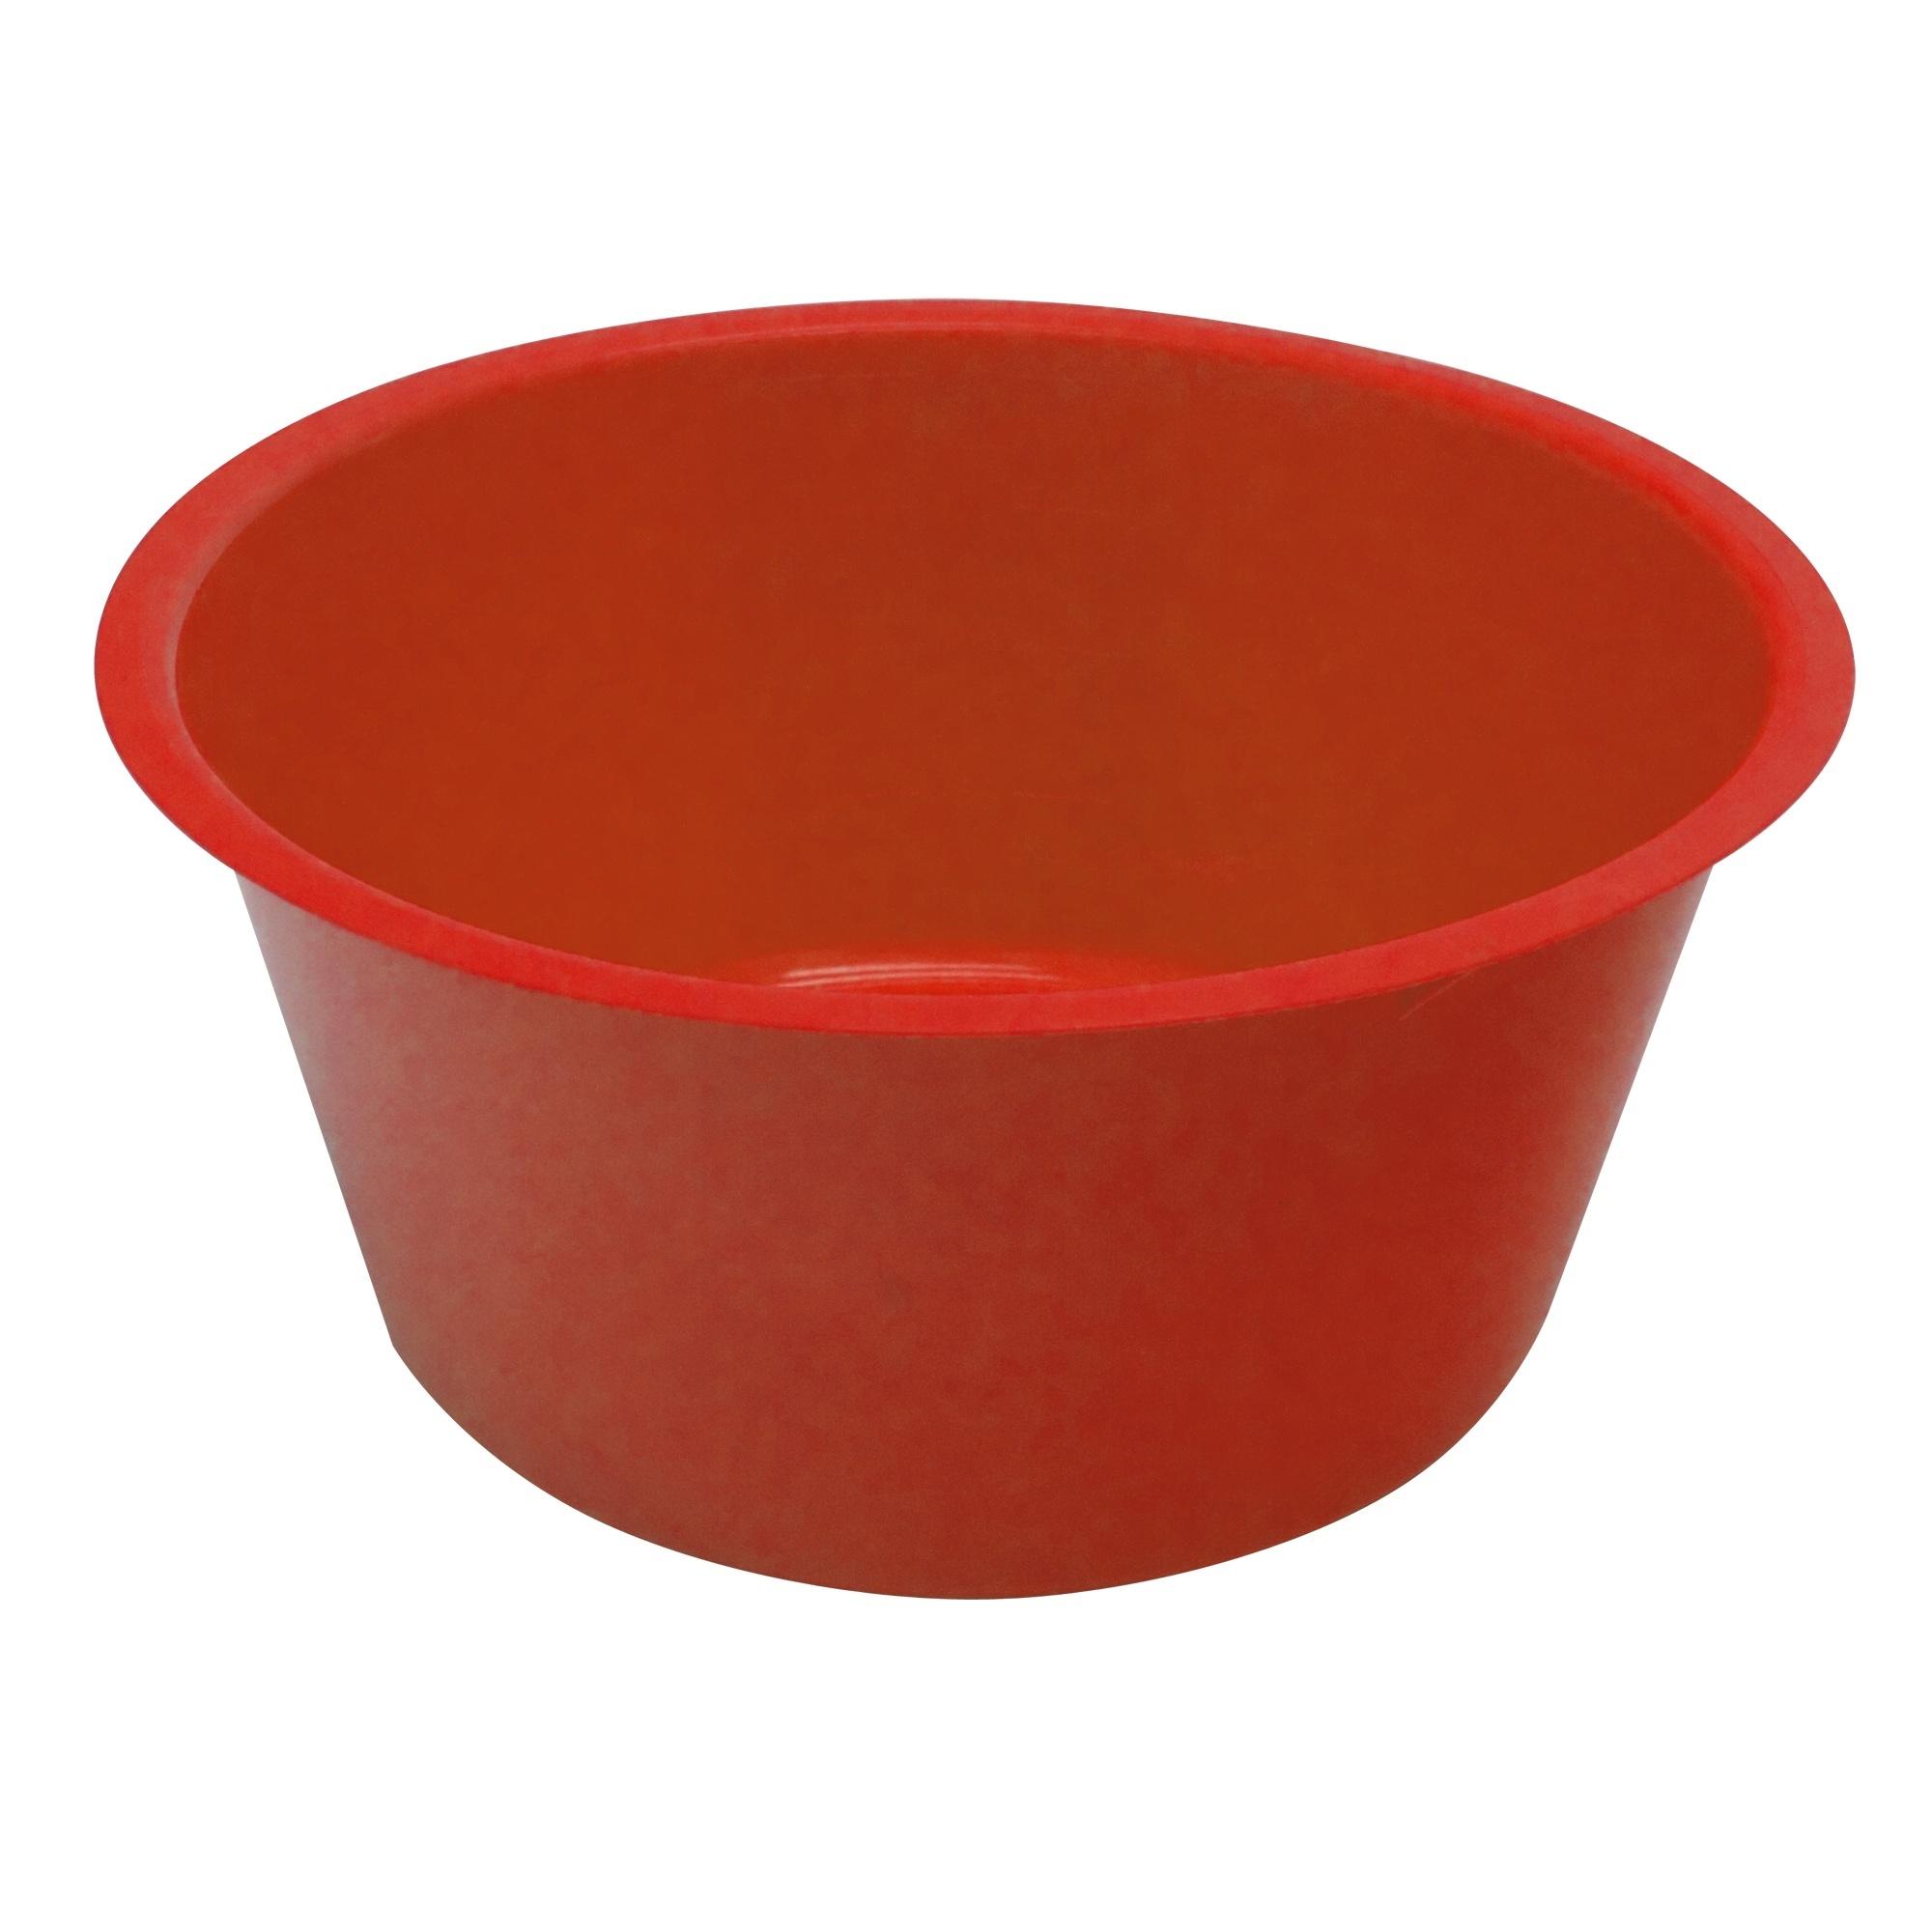 einmal schalen aus kunststoff farbe rot 150 ml einzeln steril verpackt matthes. Black Bedroom Furniture Sets. Home Design Ideas